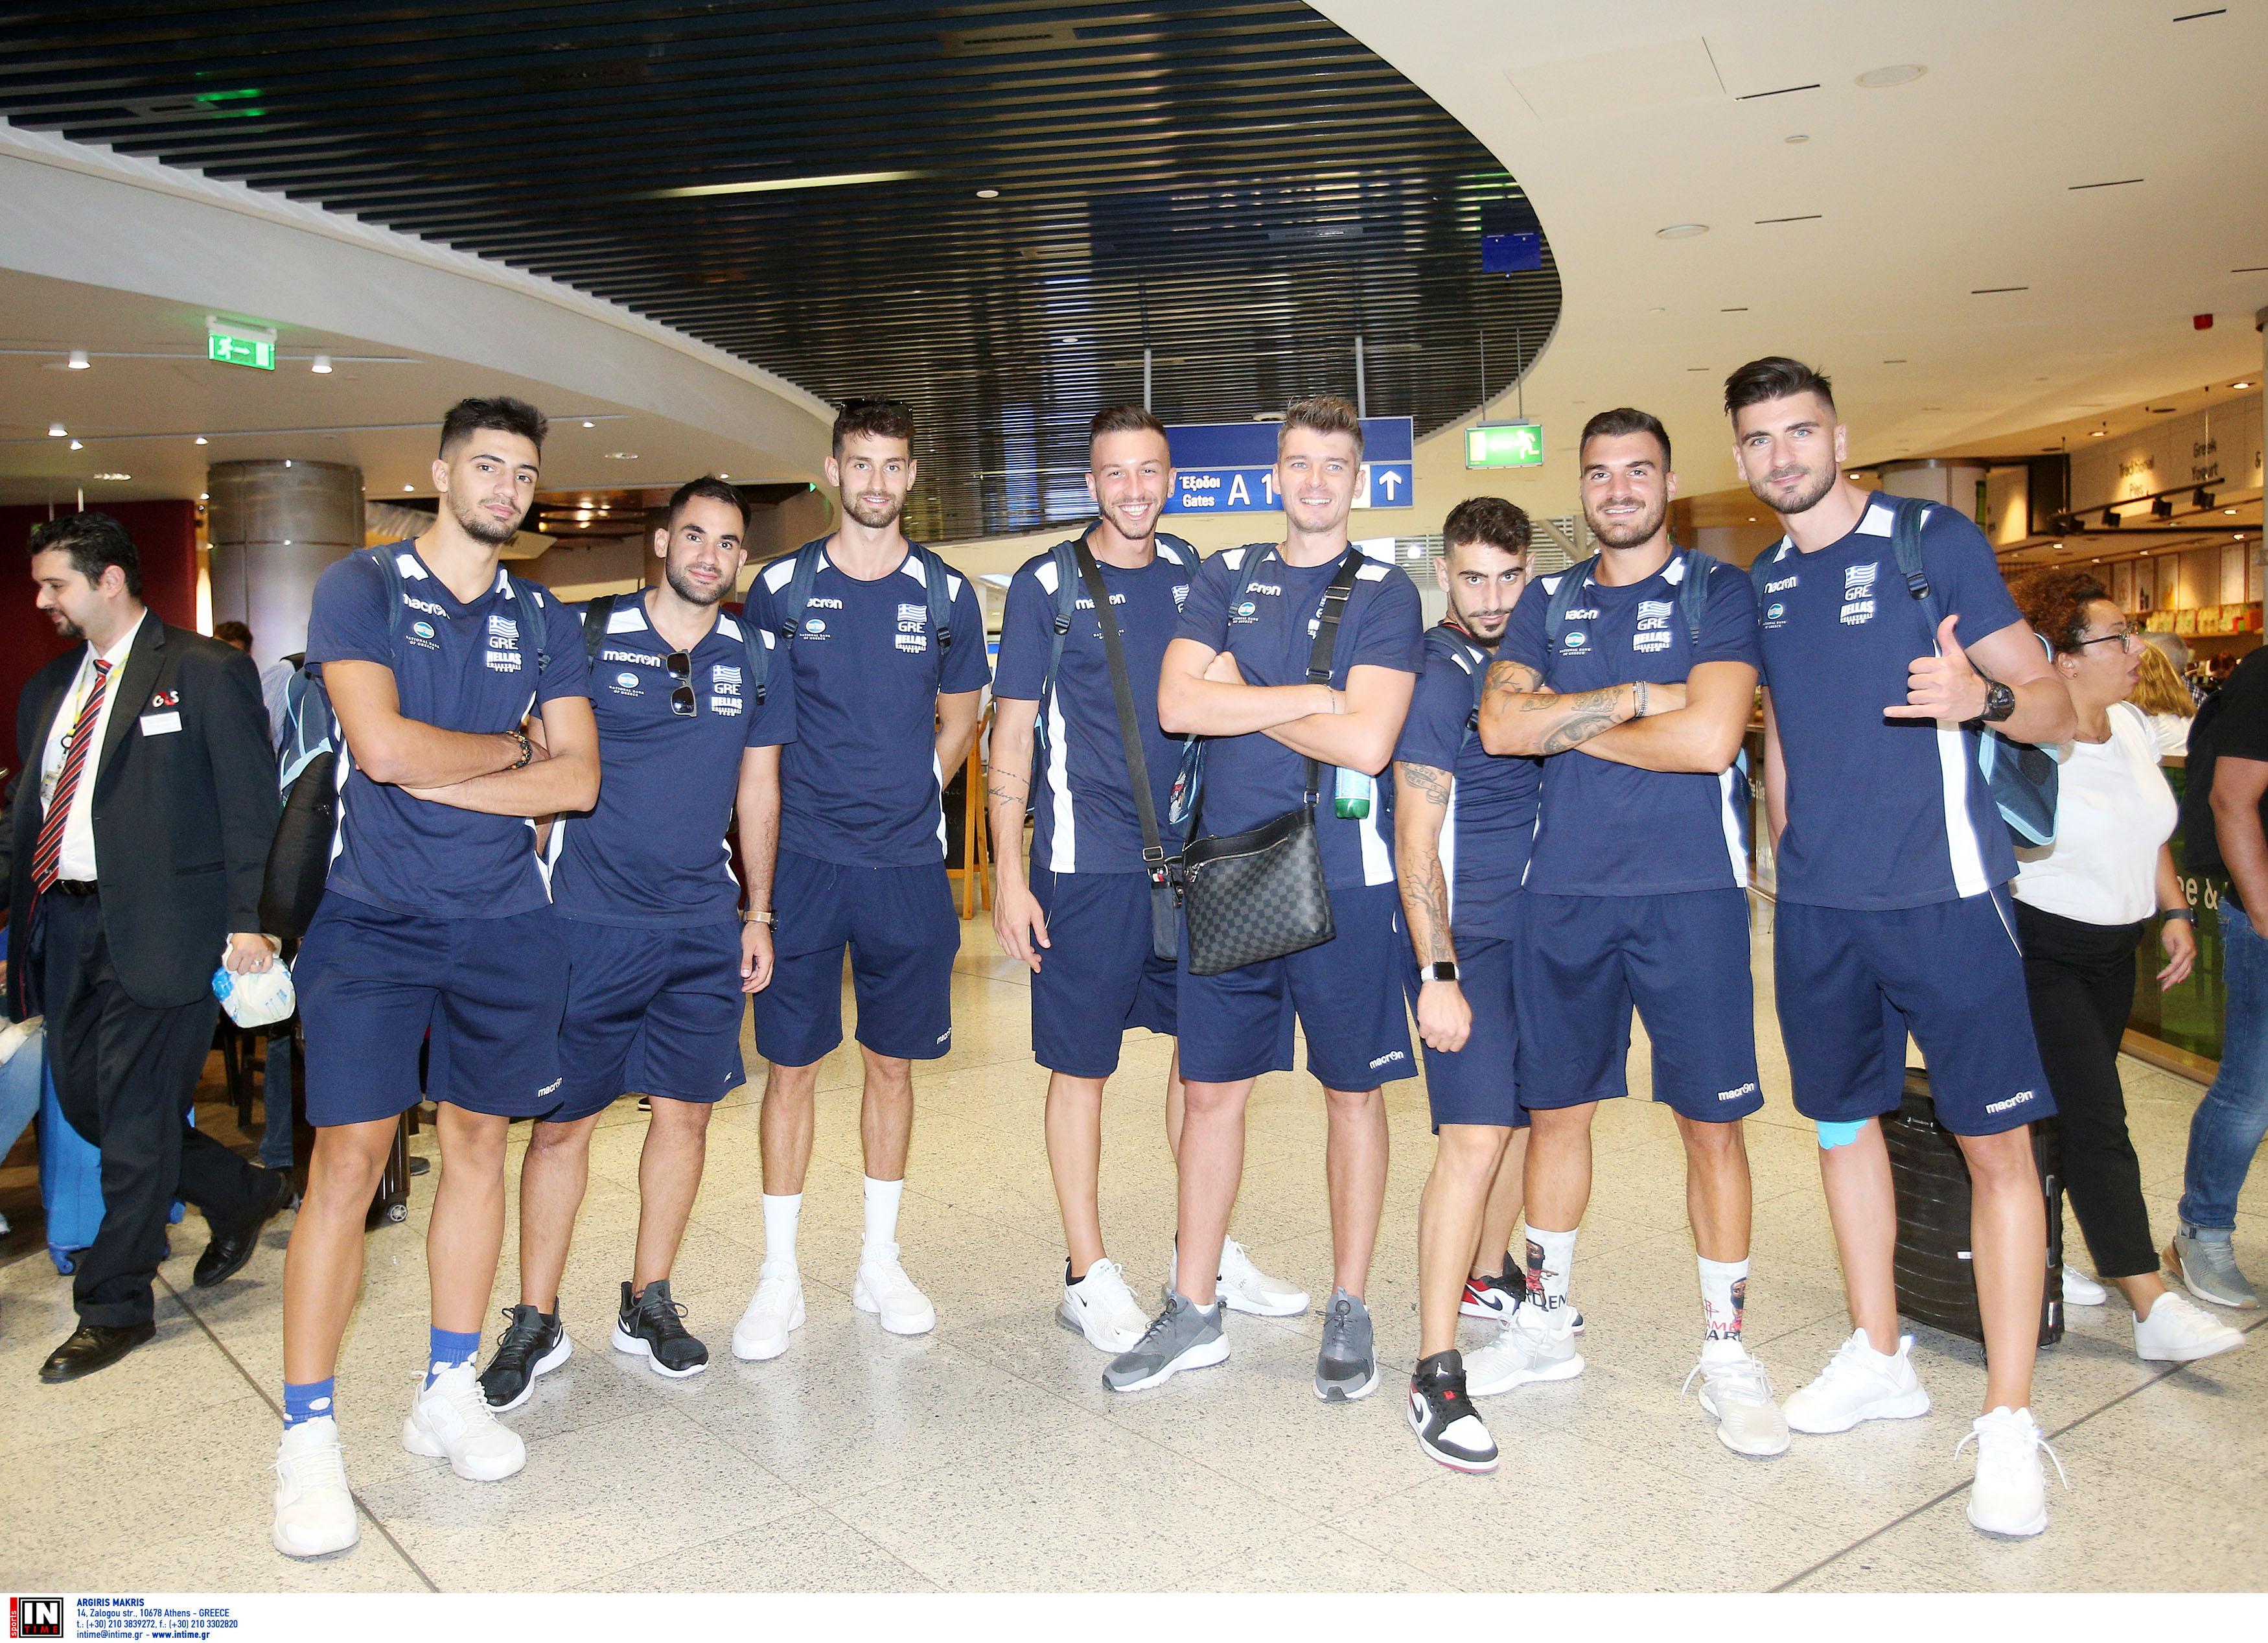 Εθνική Ανδρών βόλεϊ: Με ταλαιπωρία στο Μονπελιέ για το ευρωπαϊκό πρωτάθλημα